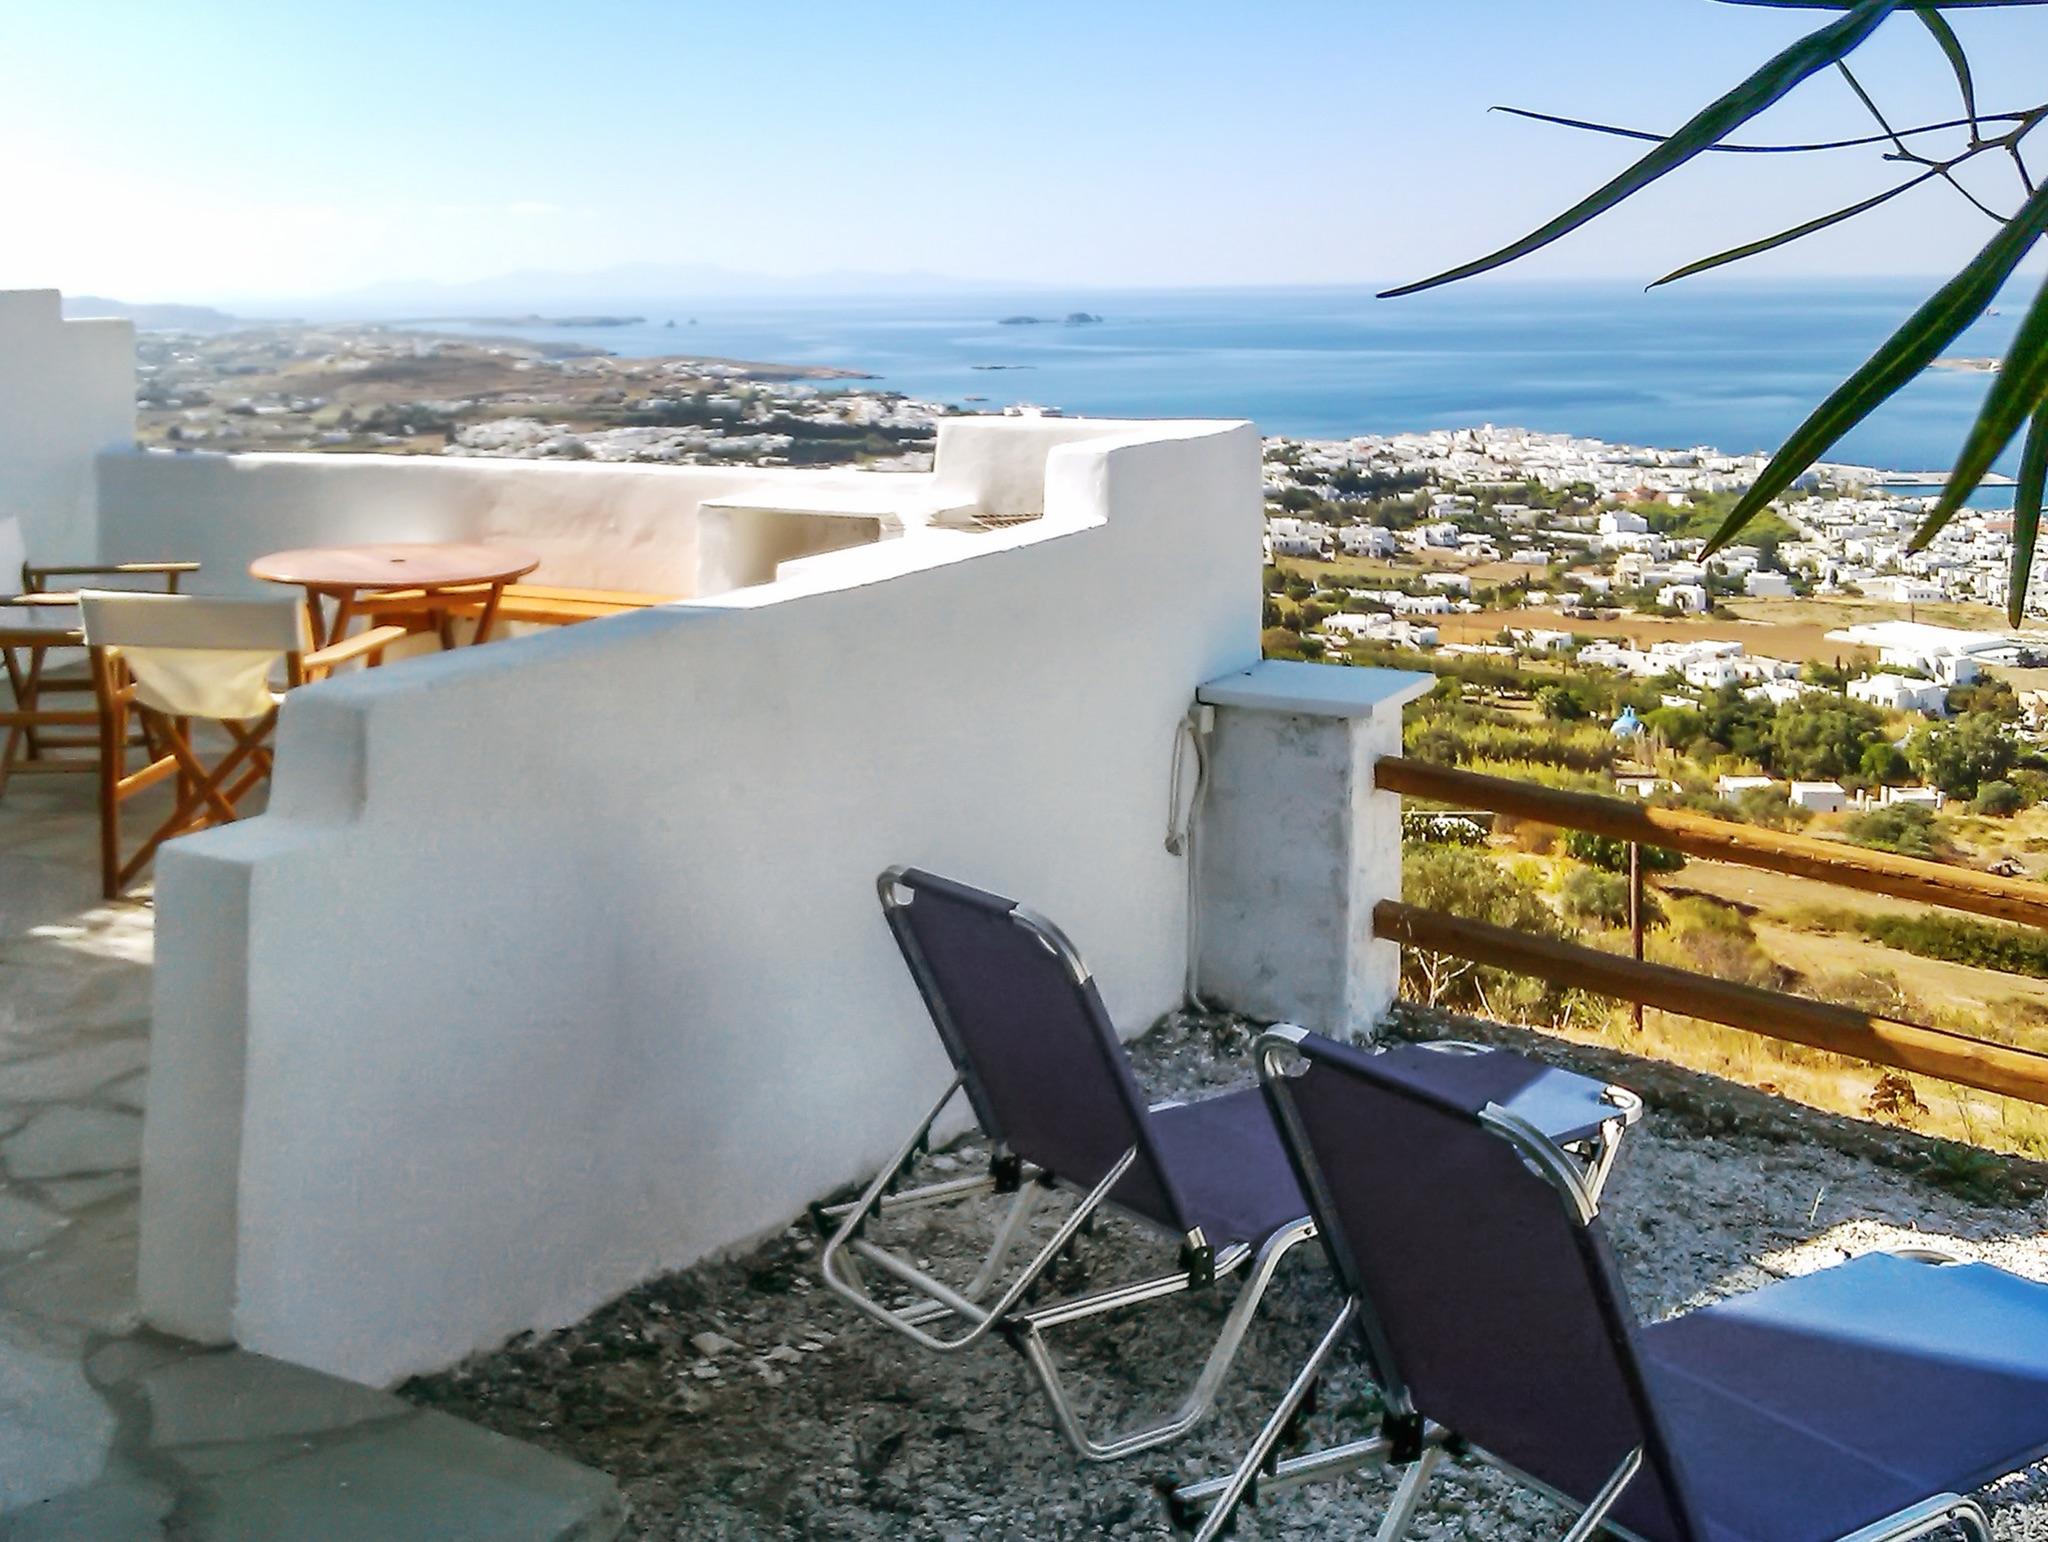 Ferienhaus Villa im Kykladen-Stil auf Paros (Griechenland), mit 2 Schlafzimmern, Gemeinschaftspool &  (2201782), Paros, Paros, Kykladen, Griechenland, Bild 4